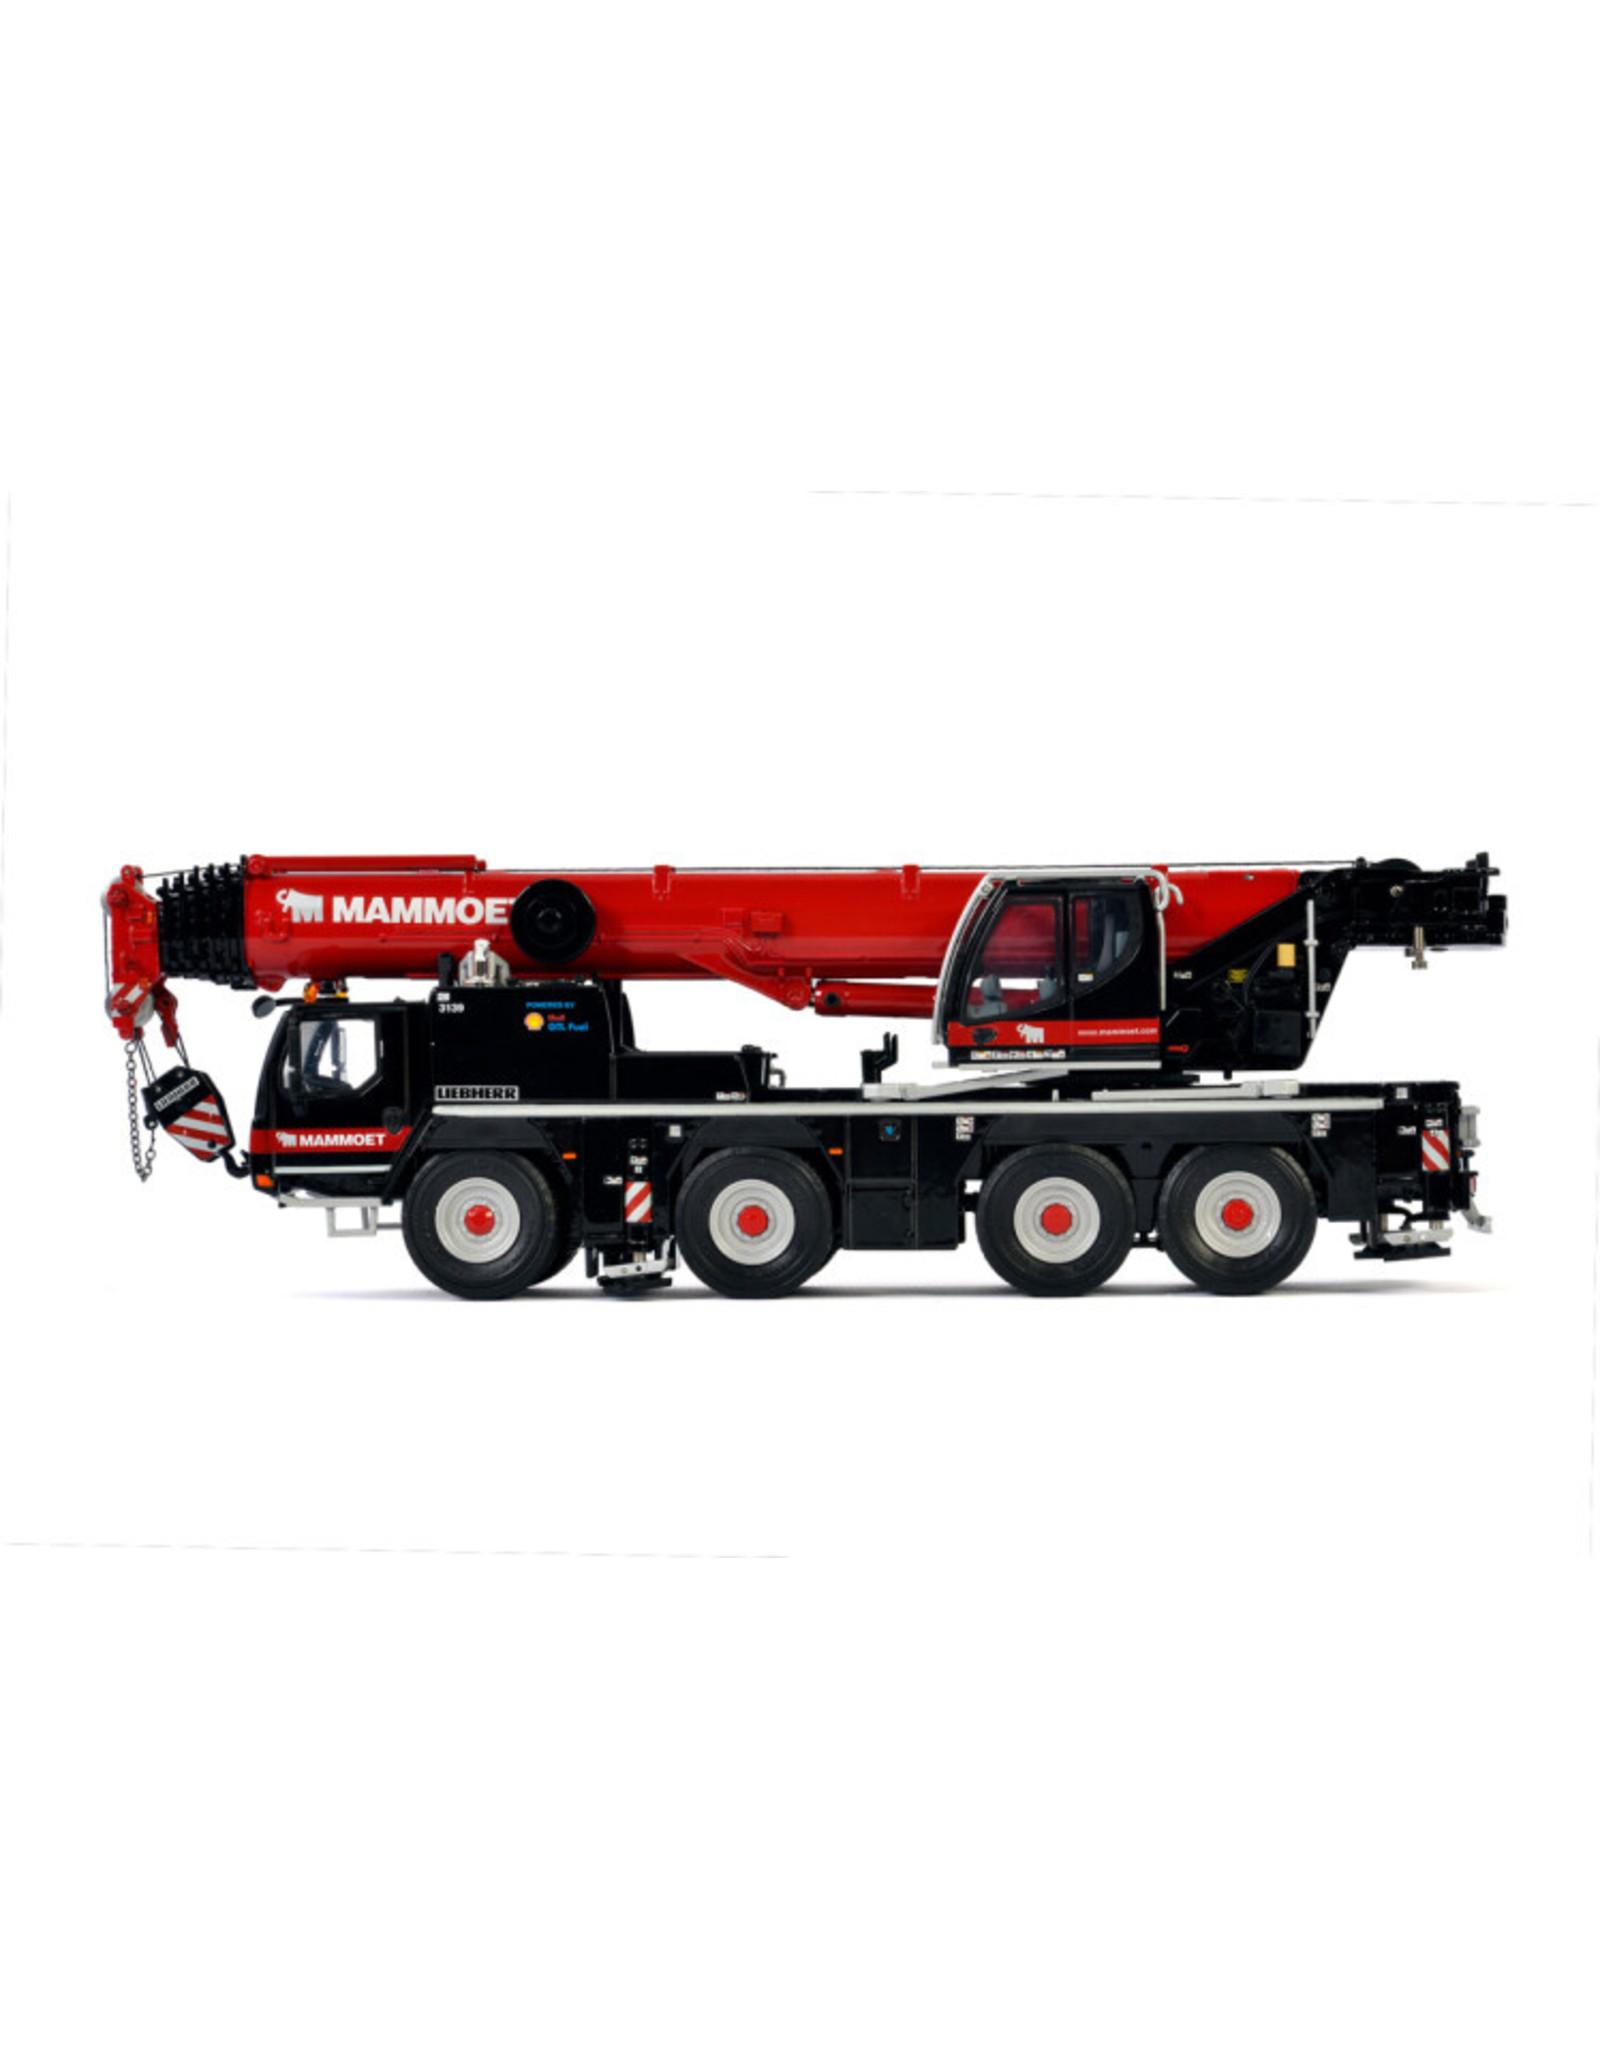 Liebherr Liebherr LTM 1090 4.2 'Mammoet' - 1:50 - WSI Models